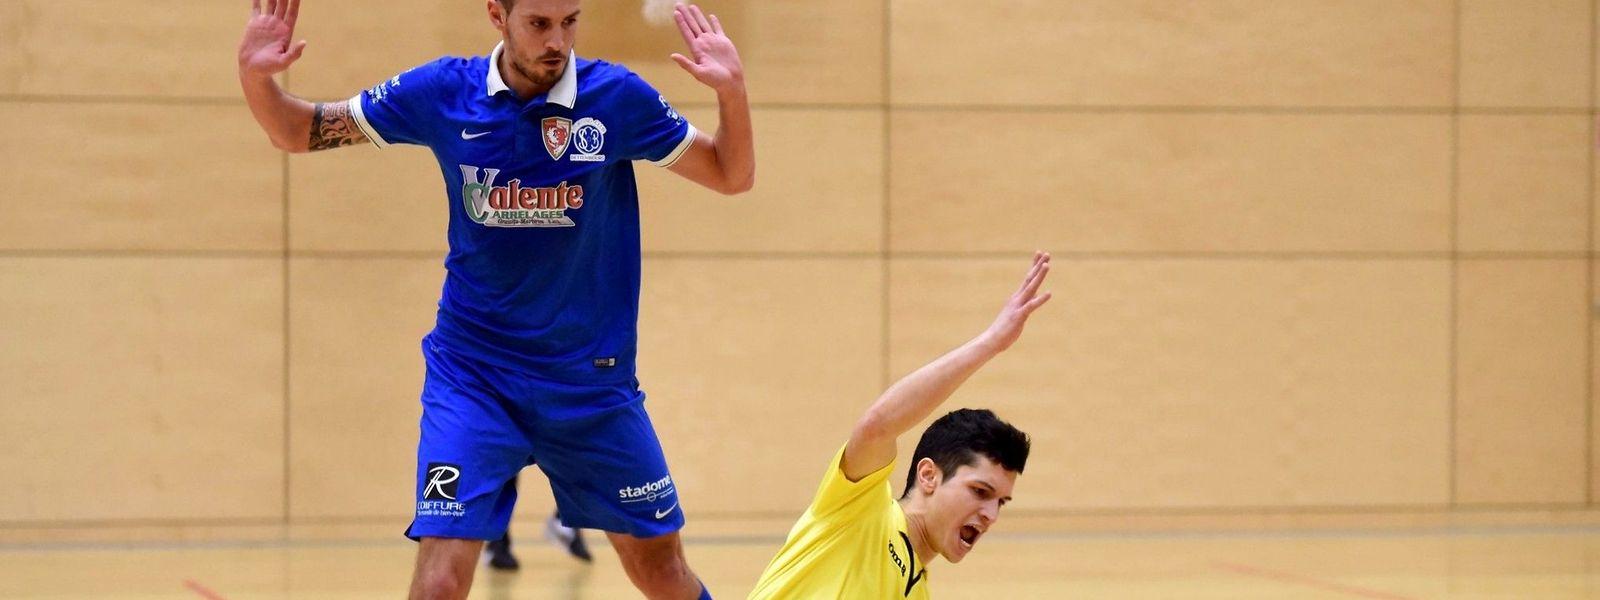 Rafael Soares Valente (SC Bettembourg, en bleu) semble n'y être pour rien dans la chute de Henrique Manuel Marques Sa (FC Bettendorf)